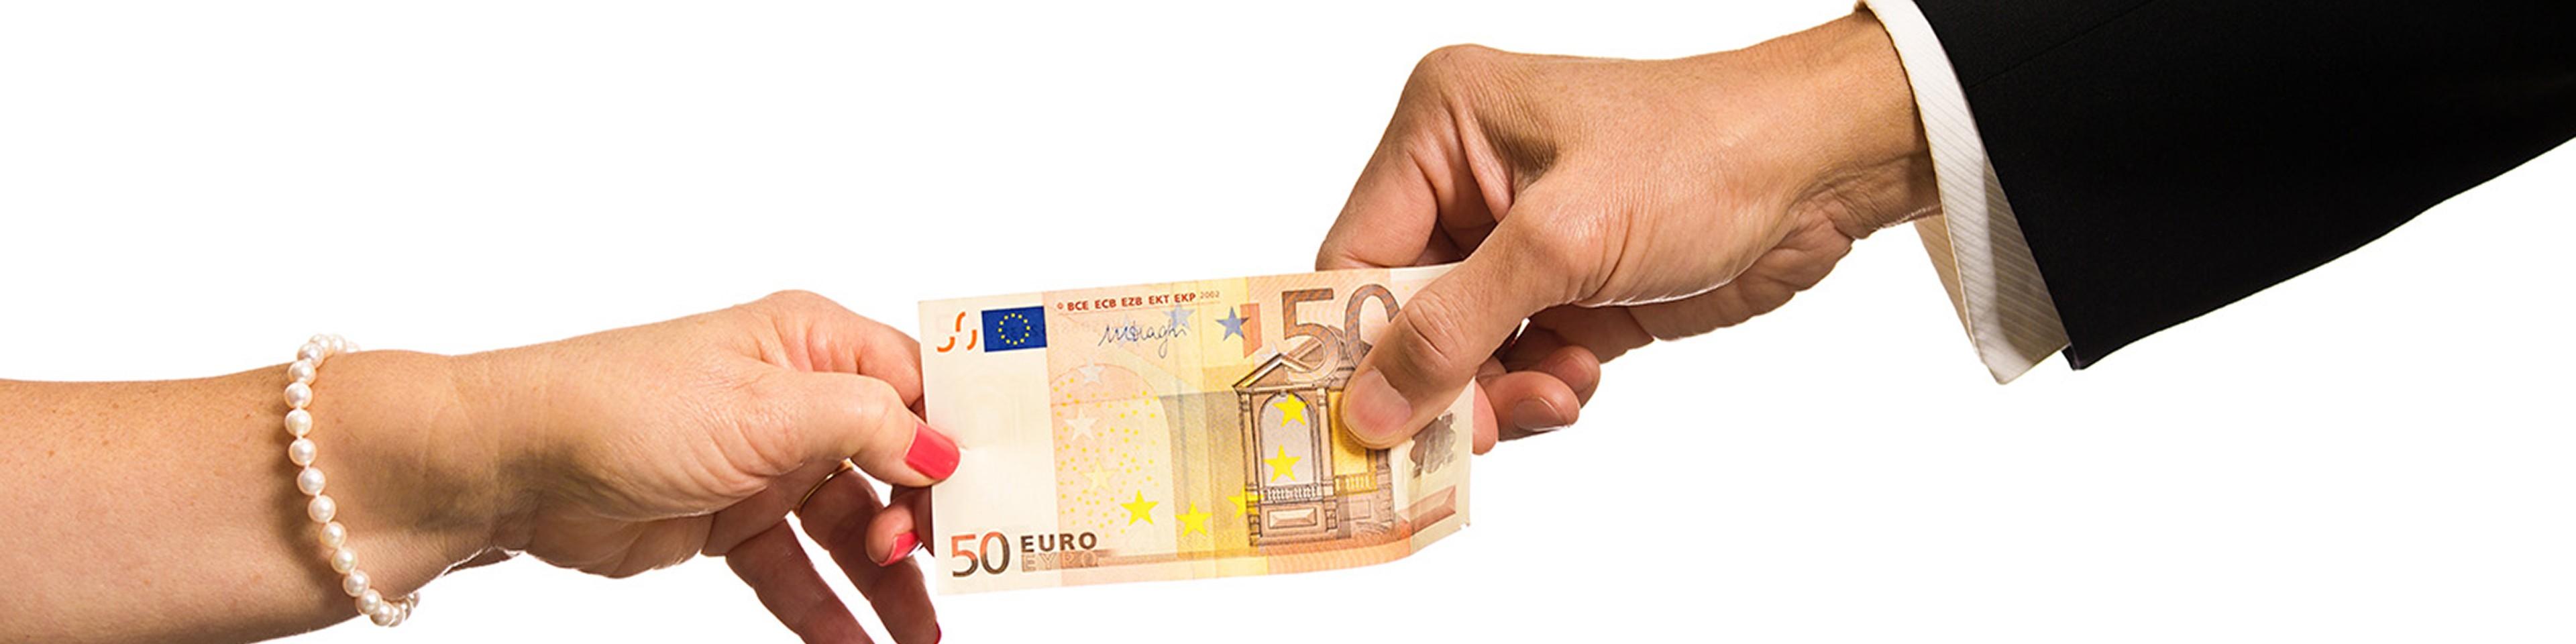 Händer som drar i eurosedel